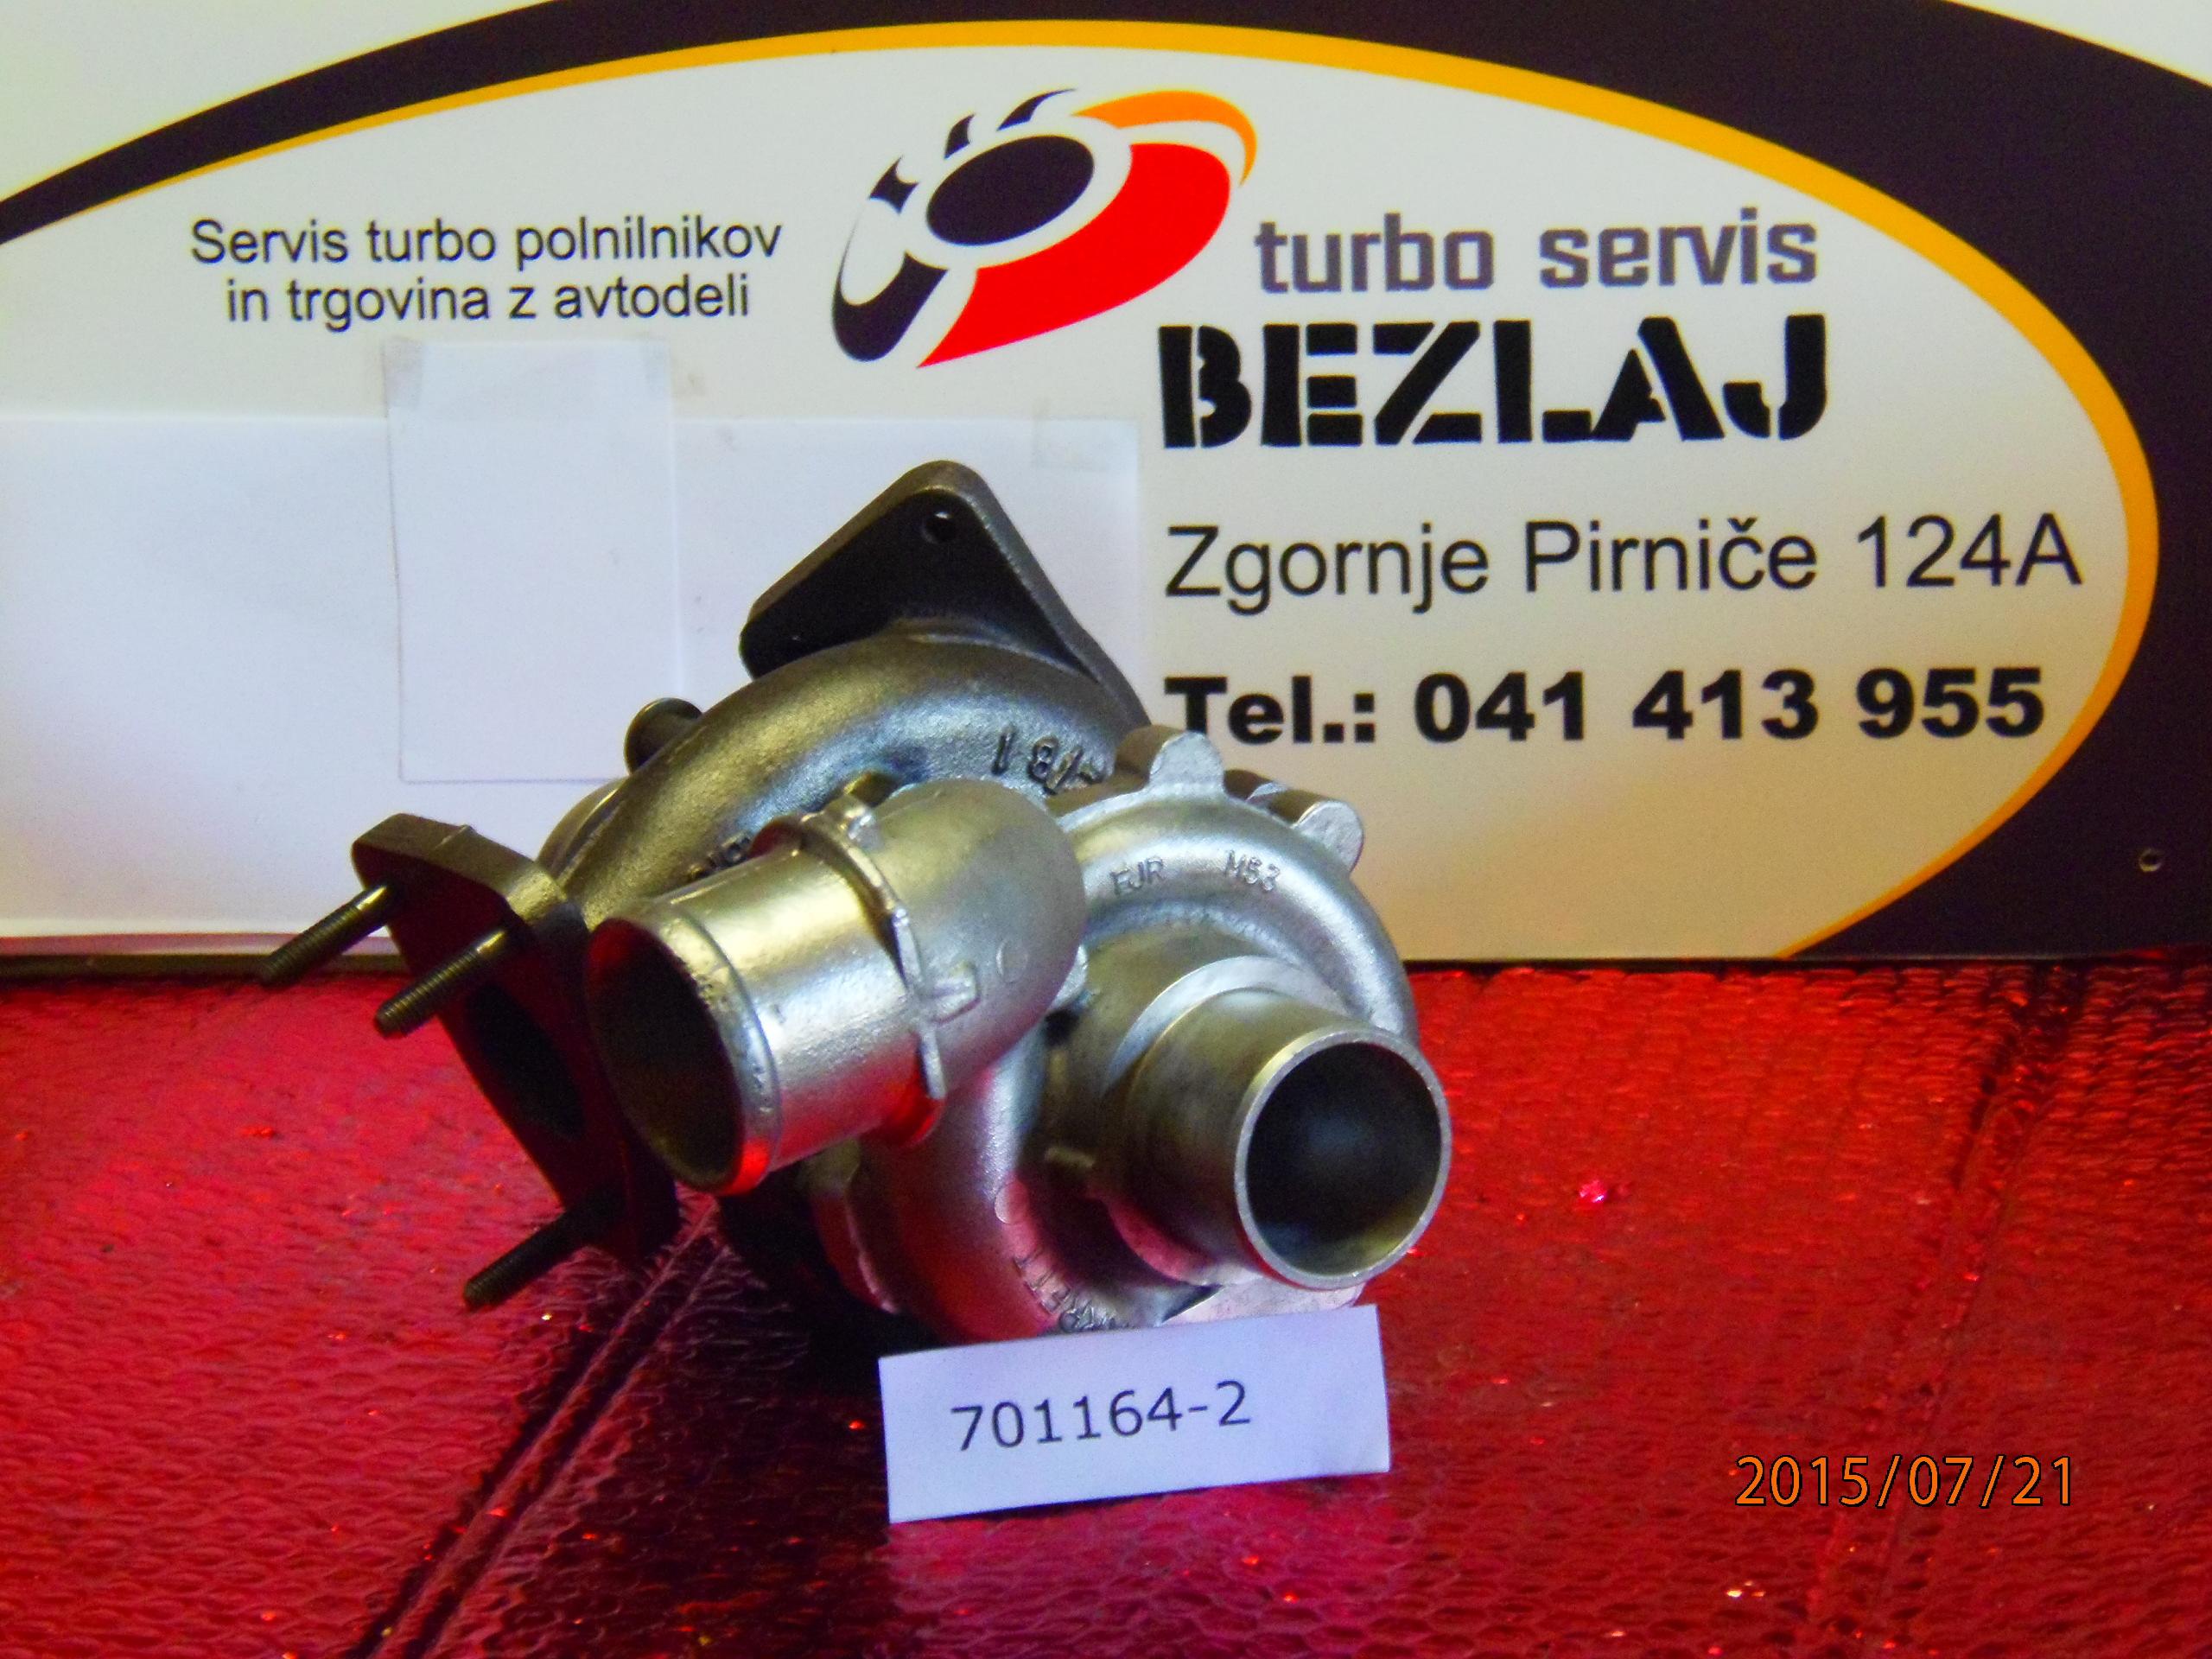 turbo701164-2 (2)